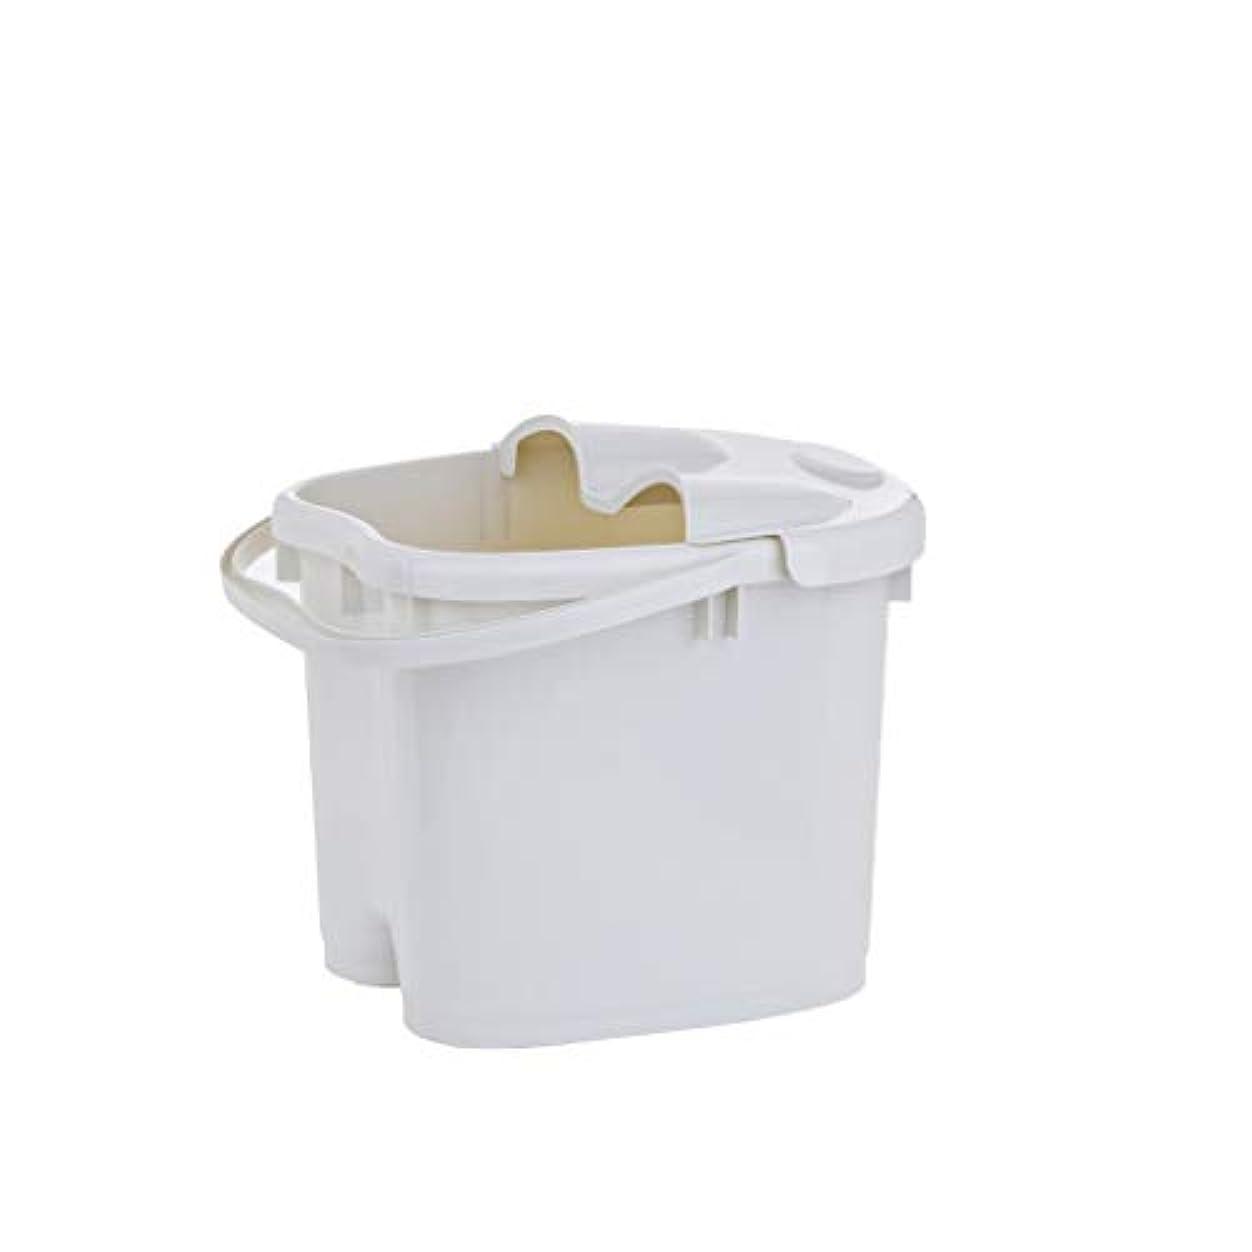 おしゃれな汚れるケーブルカーBB- ?AMT携帯用高まりのマッサージの浴槽のふたの熱保存のフィートの洗面器の世帯が付いている大人のフットバスのバケツ 0405 (色 : 白, サイズ さいず : 30.5cm high)